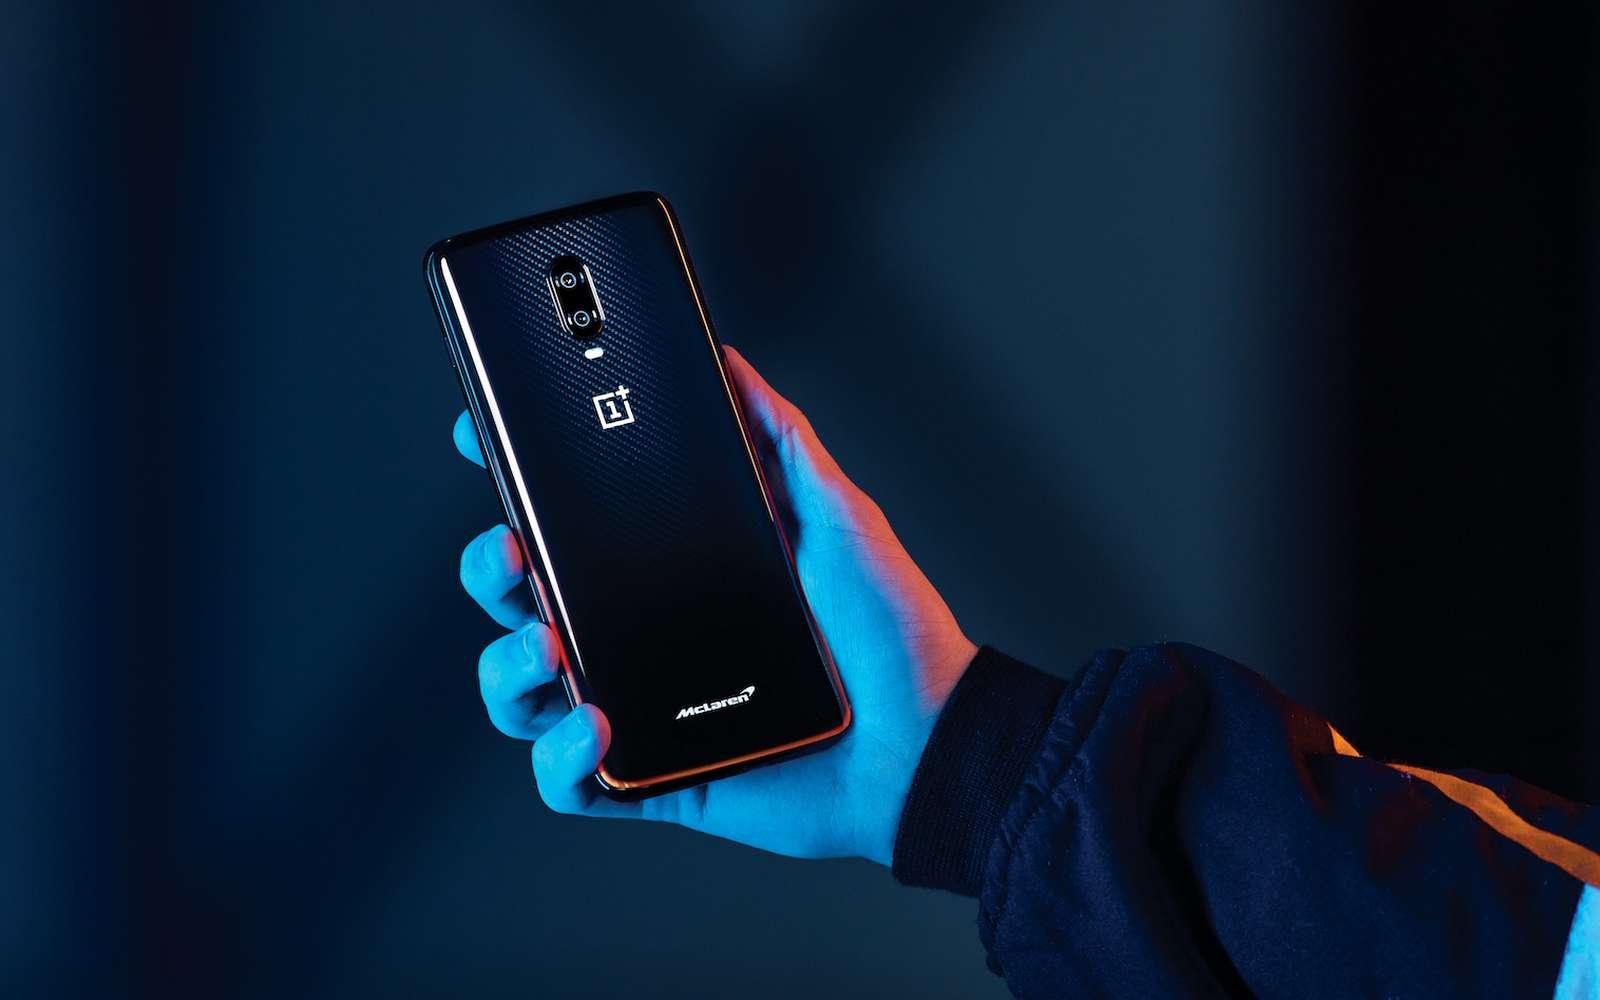 Situé à l'arrière de l'appareil en fibre de carbone, le logo McLaren s'illumine. © OnePlus